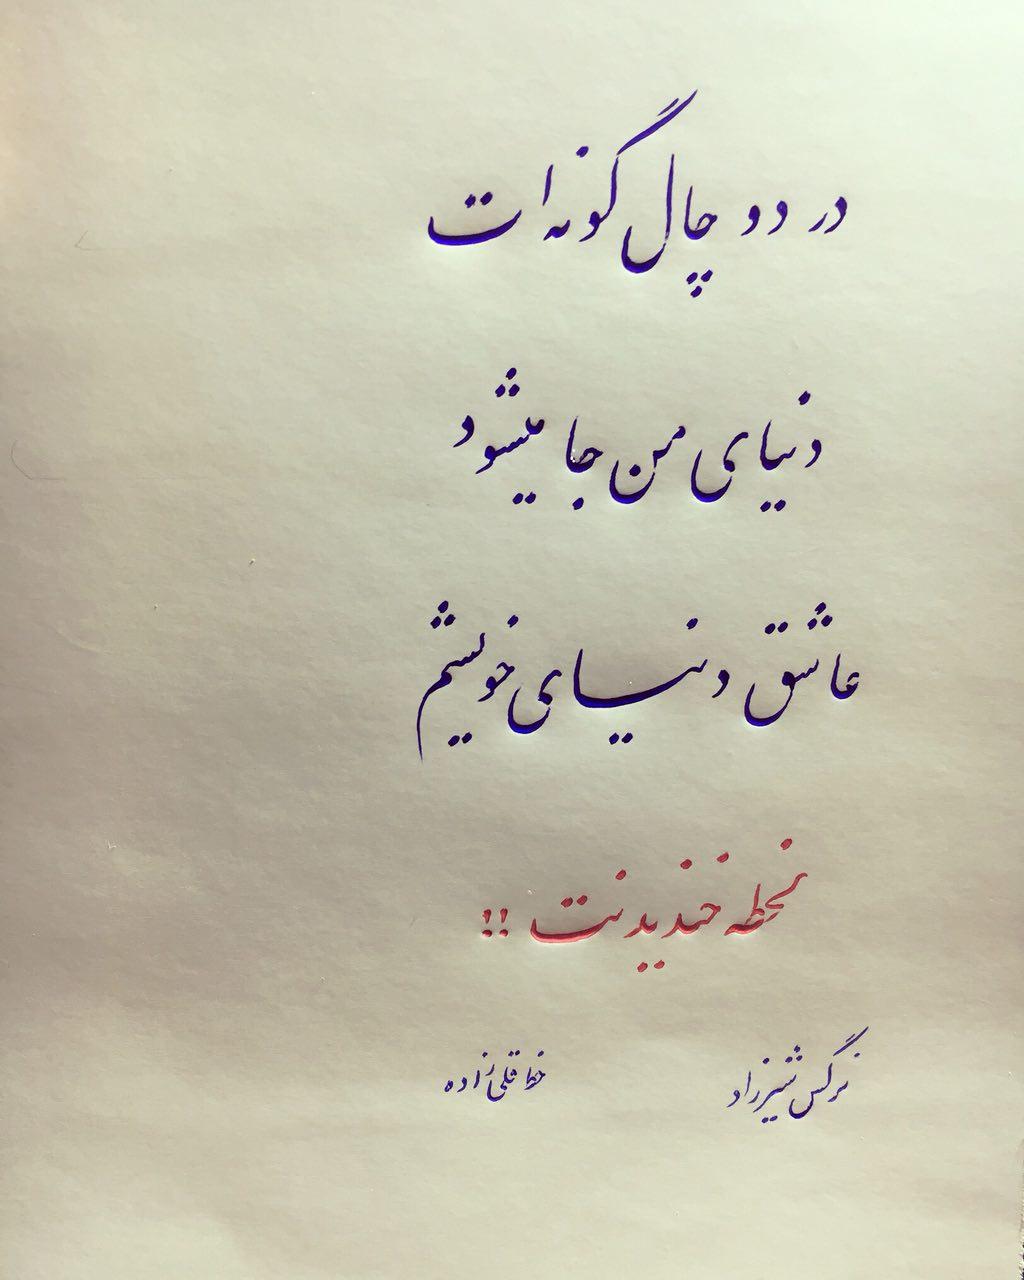 شعرهای عاشقانه نو و کلاسیک؛ از اشعار شاملو تا شفیعی کدکنی